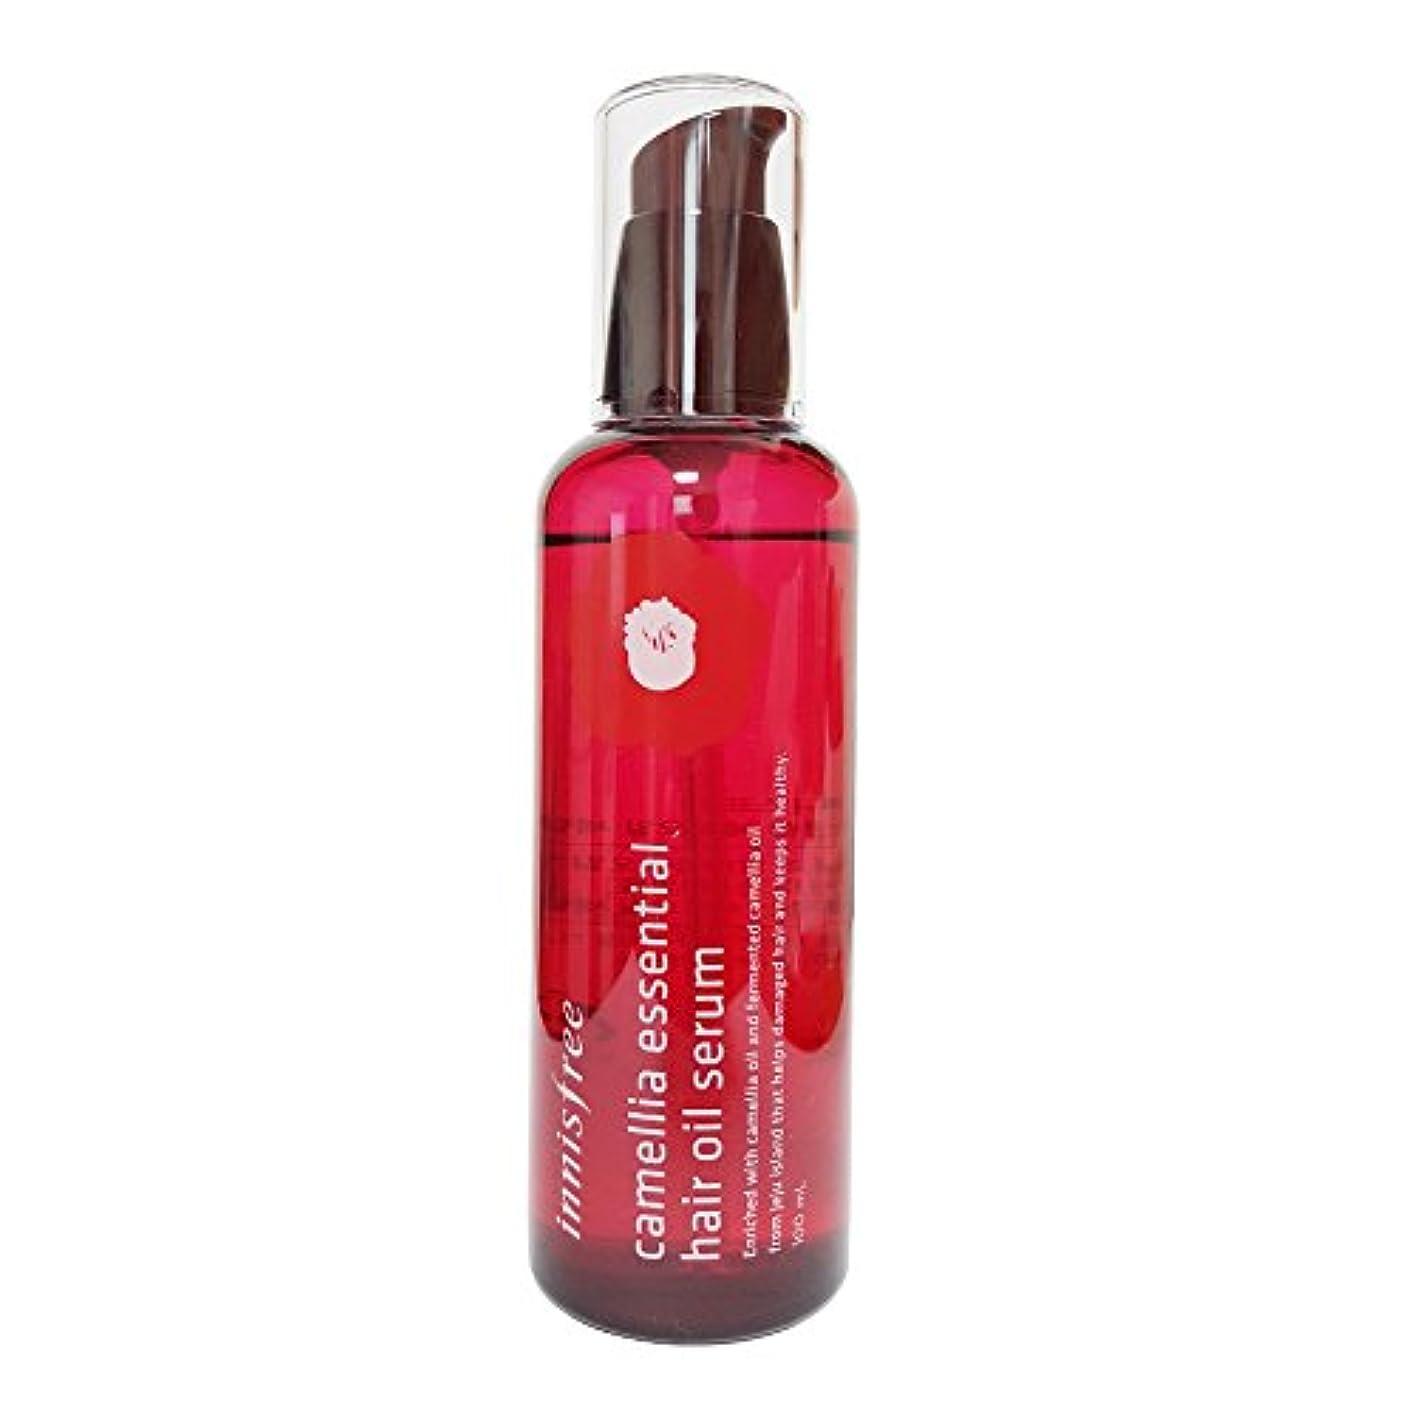 ドル走る仕立て屋[イニスフリー] Innisfree カメリアエッセンシャル?ヘア?オイルセラム (100ml) Innisfree Camellia Essential Hair Oil Serum (100ml) [海外直送品]